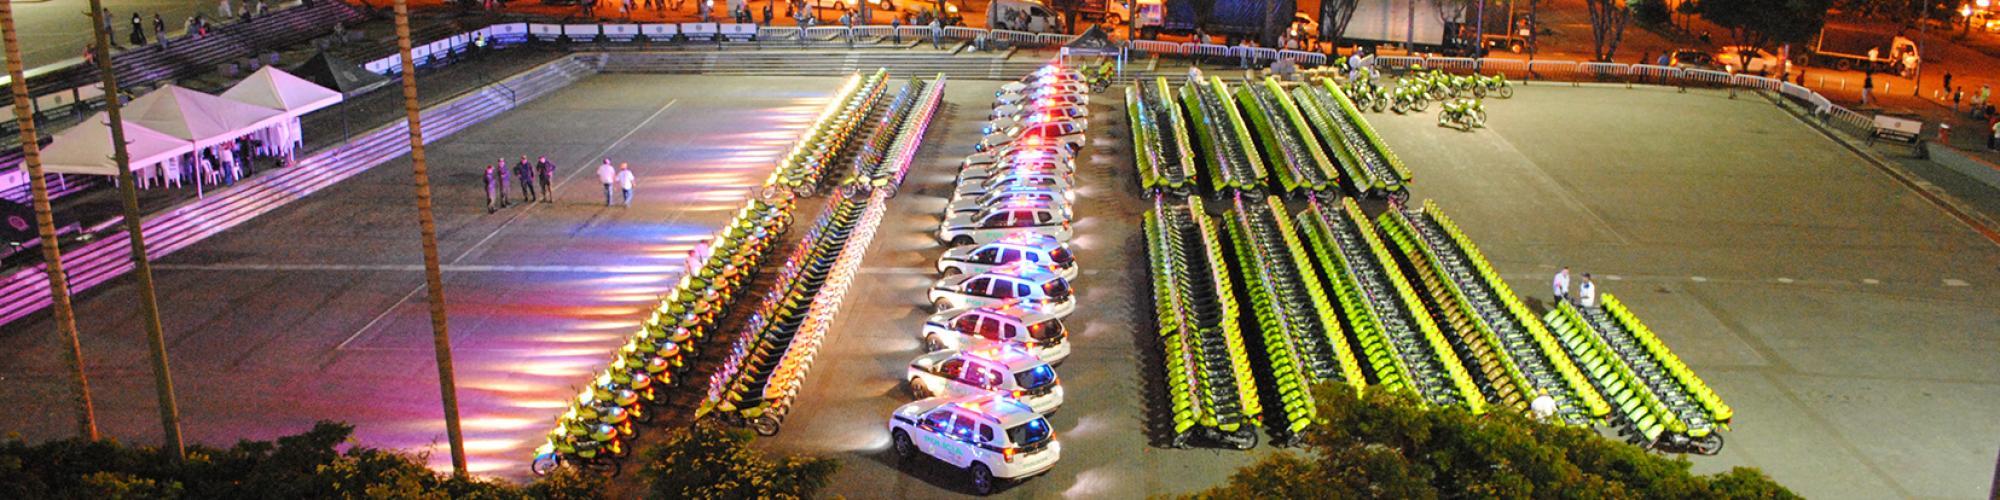 vehículos policiales formado en ilera frente a motocicletas